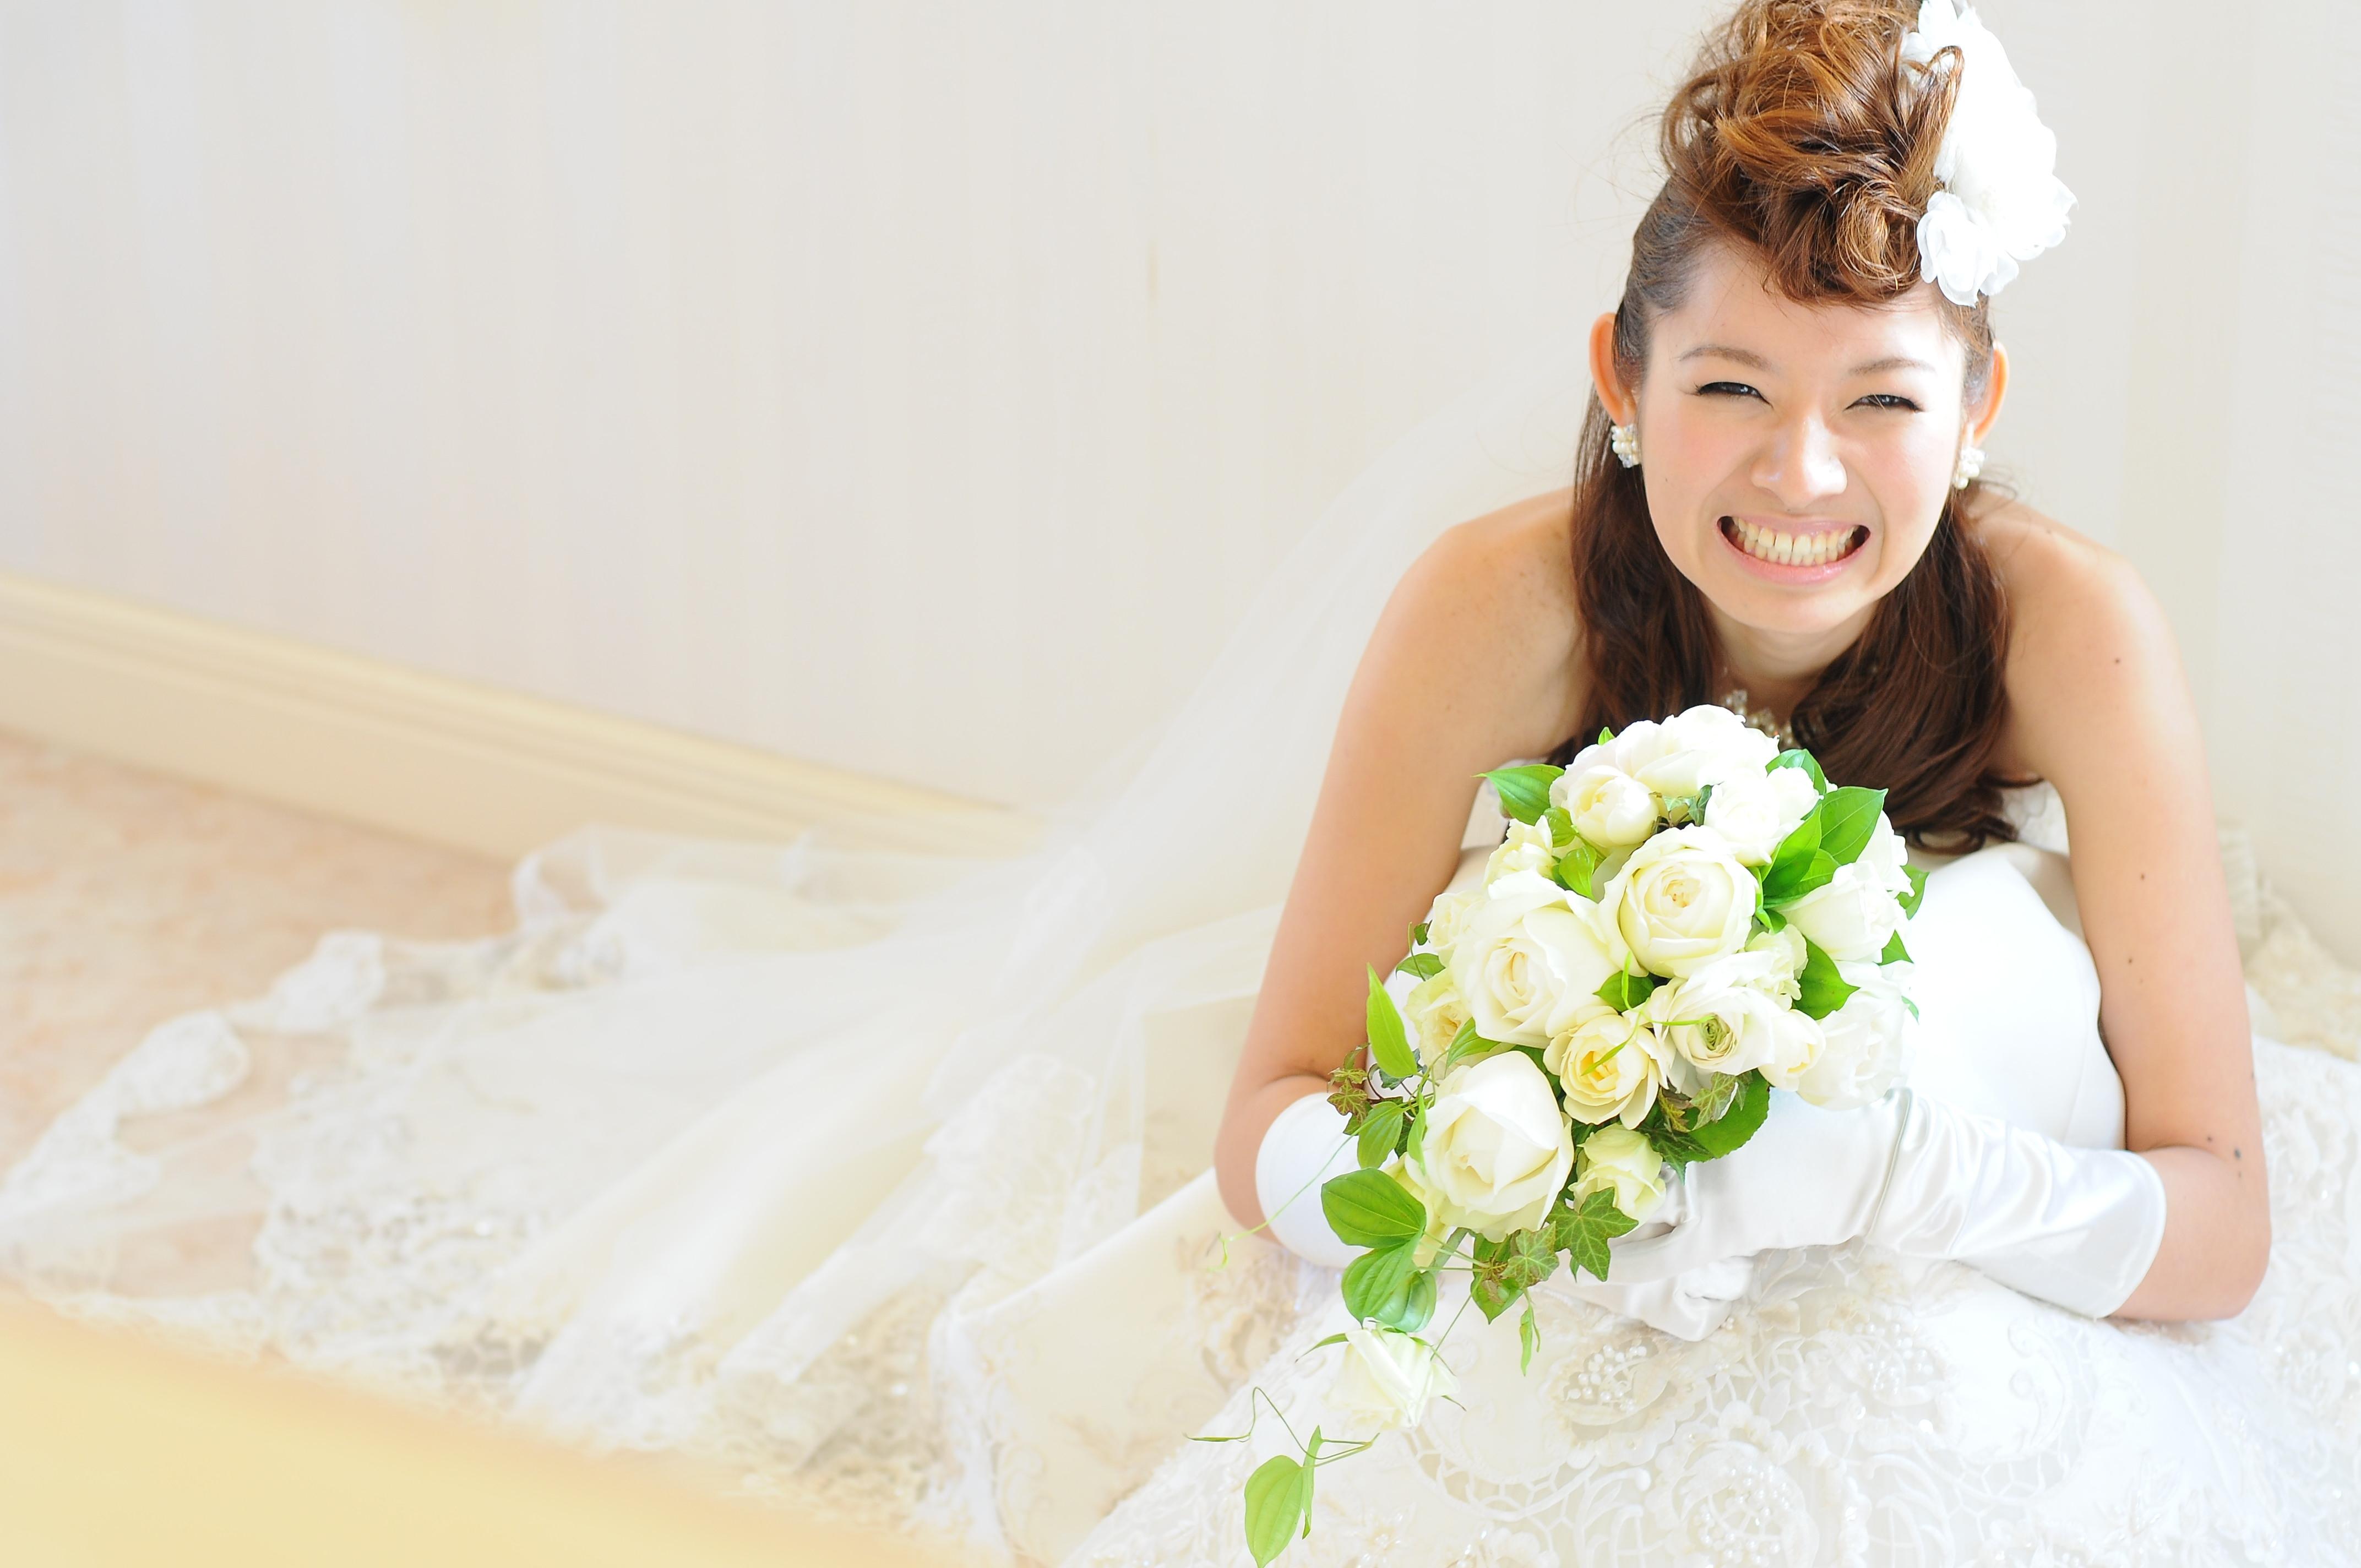 花嫁必見!迷っちゃう!結婚式で輝く花嫁のヘアスタイルはこれ!のサムネイル画像